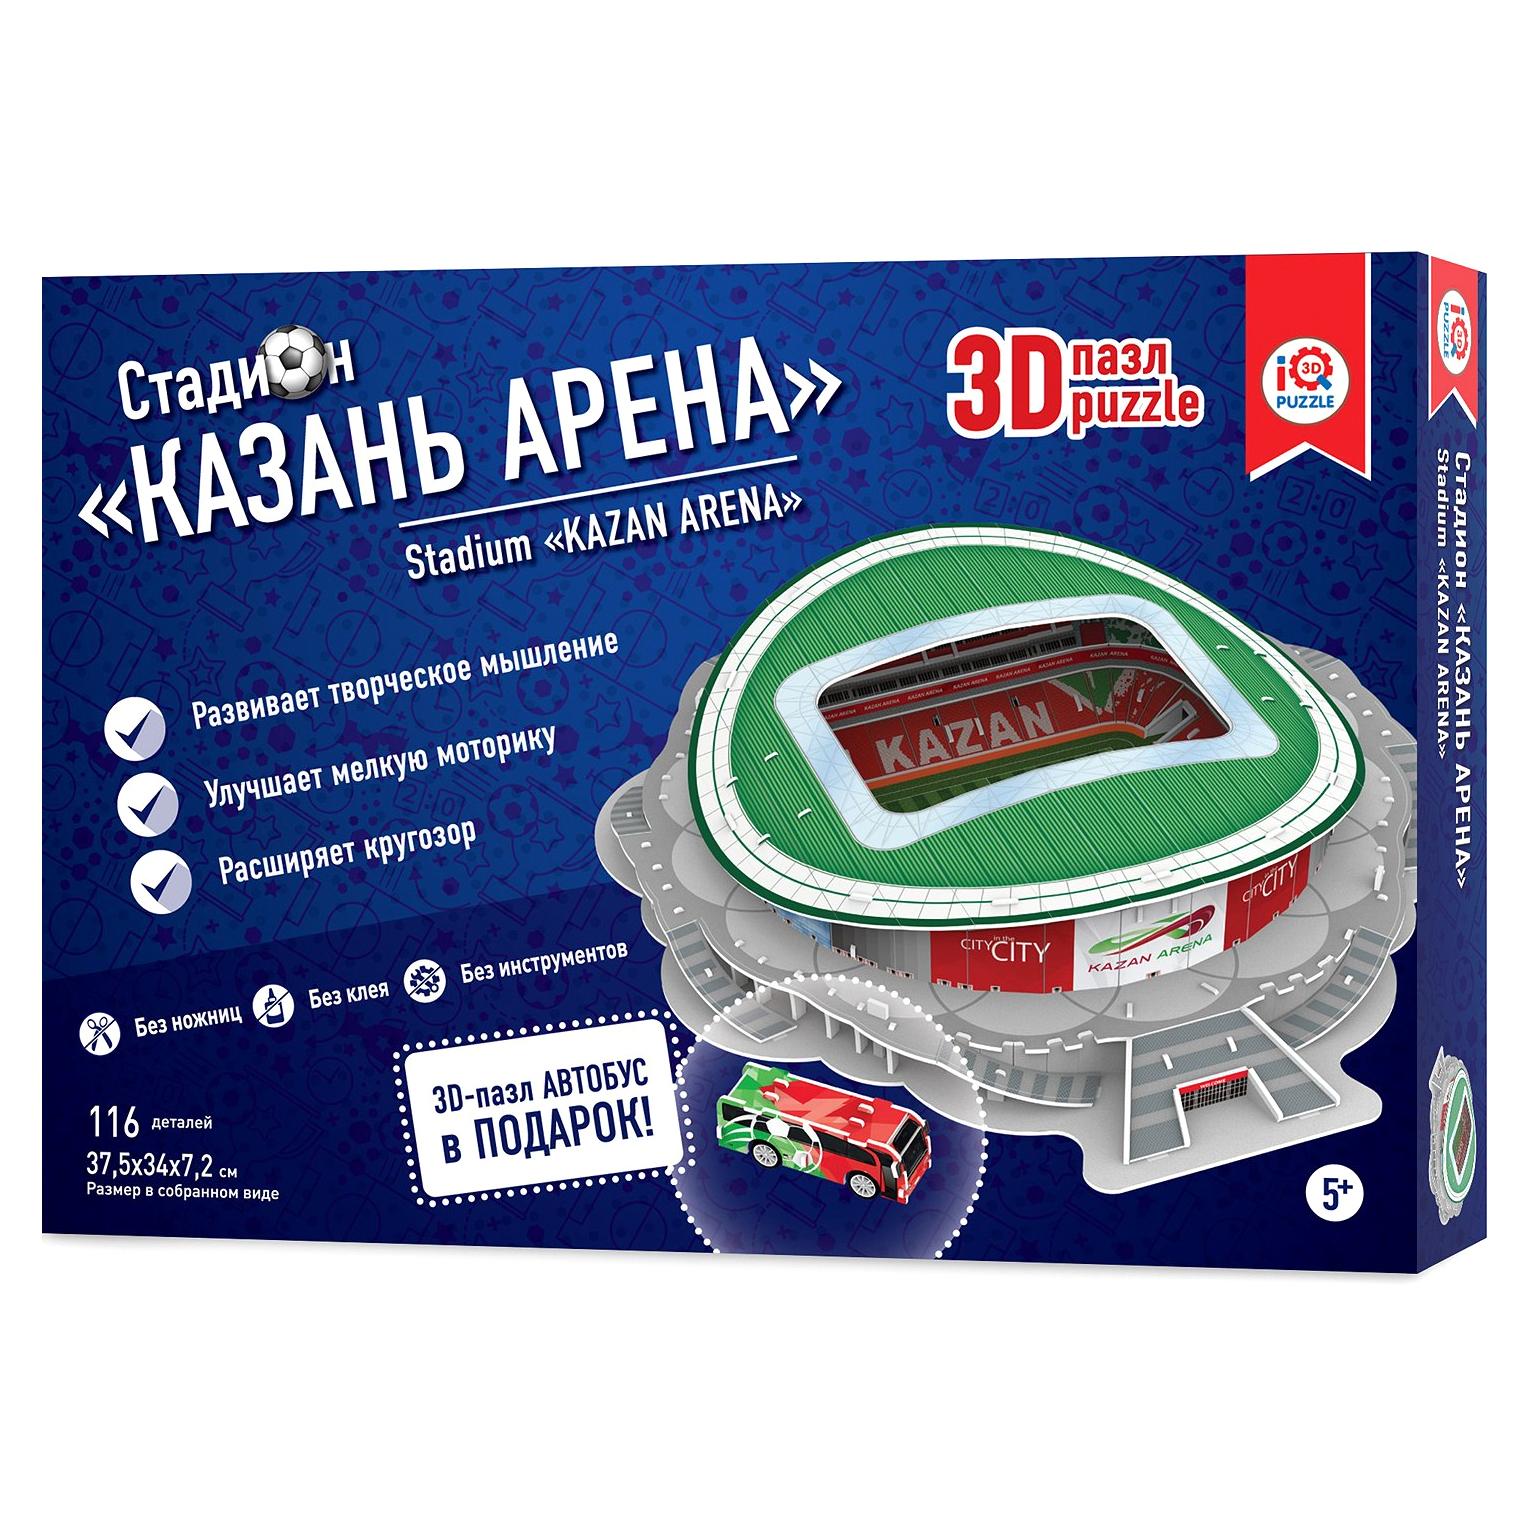 Пазл 3D IQ 3D PUZZLE Казань Арена 16547